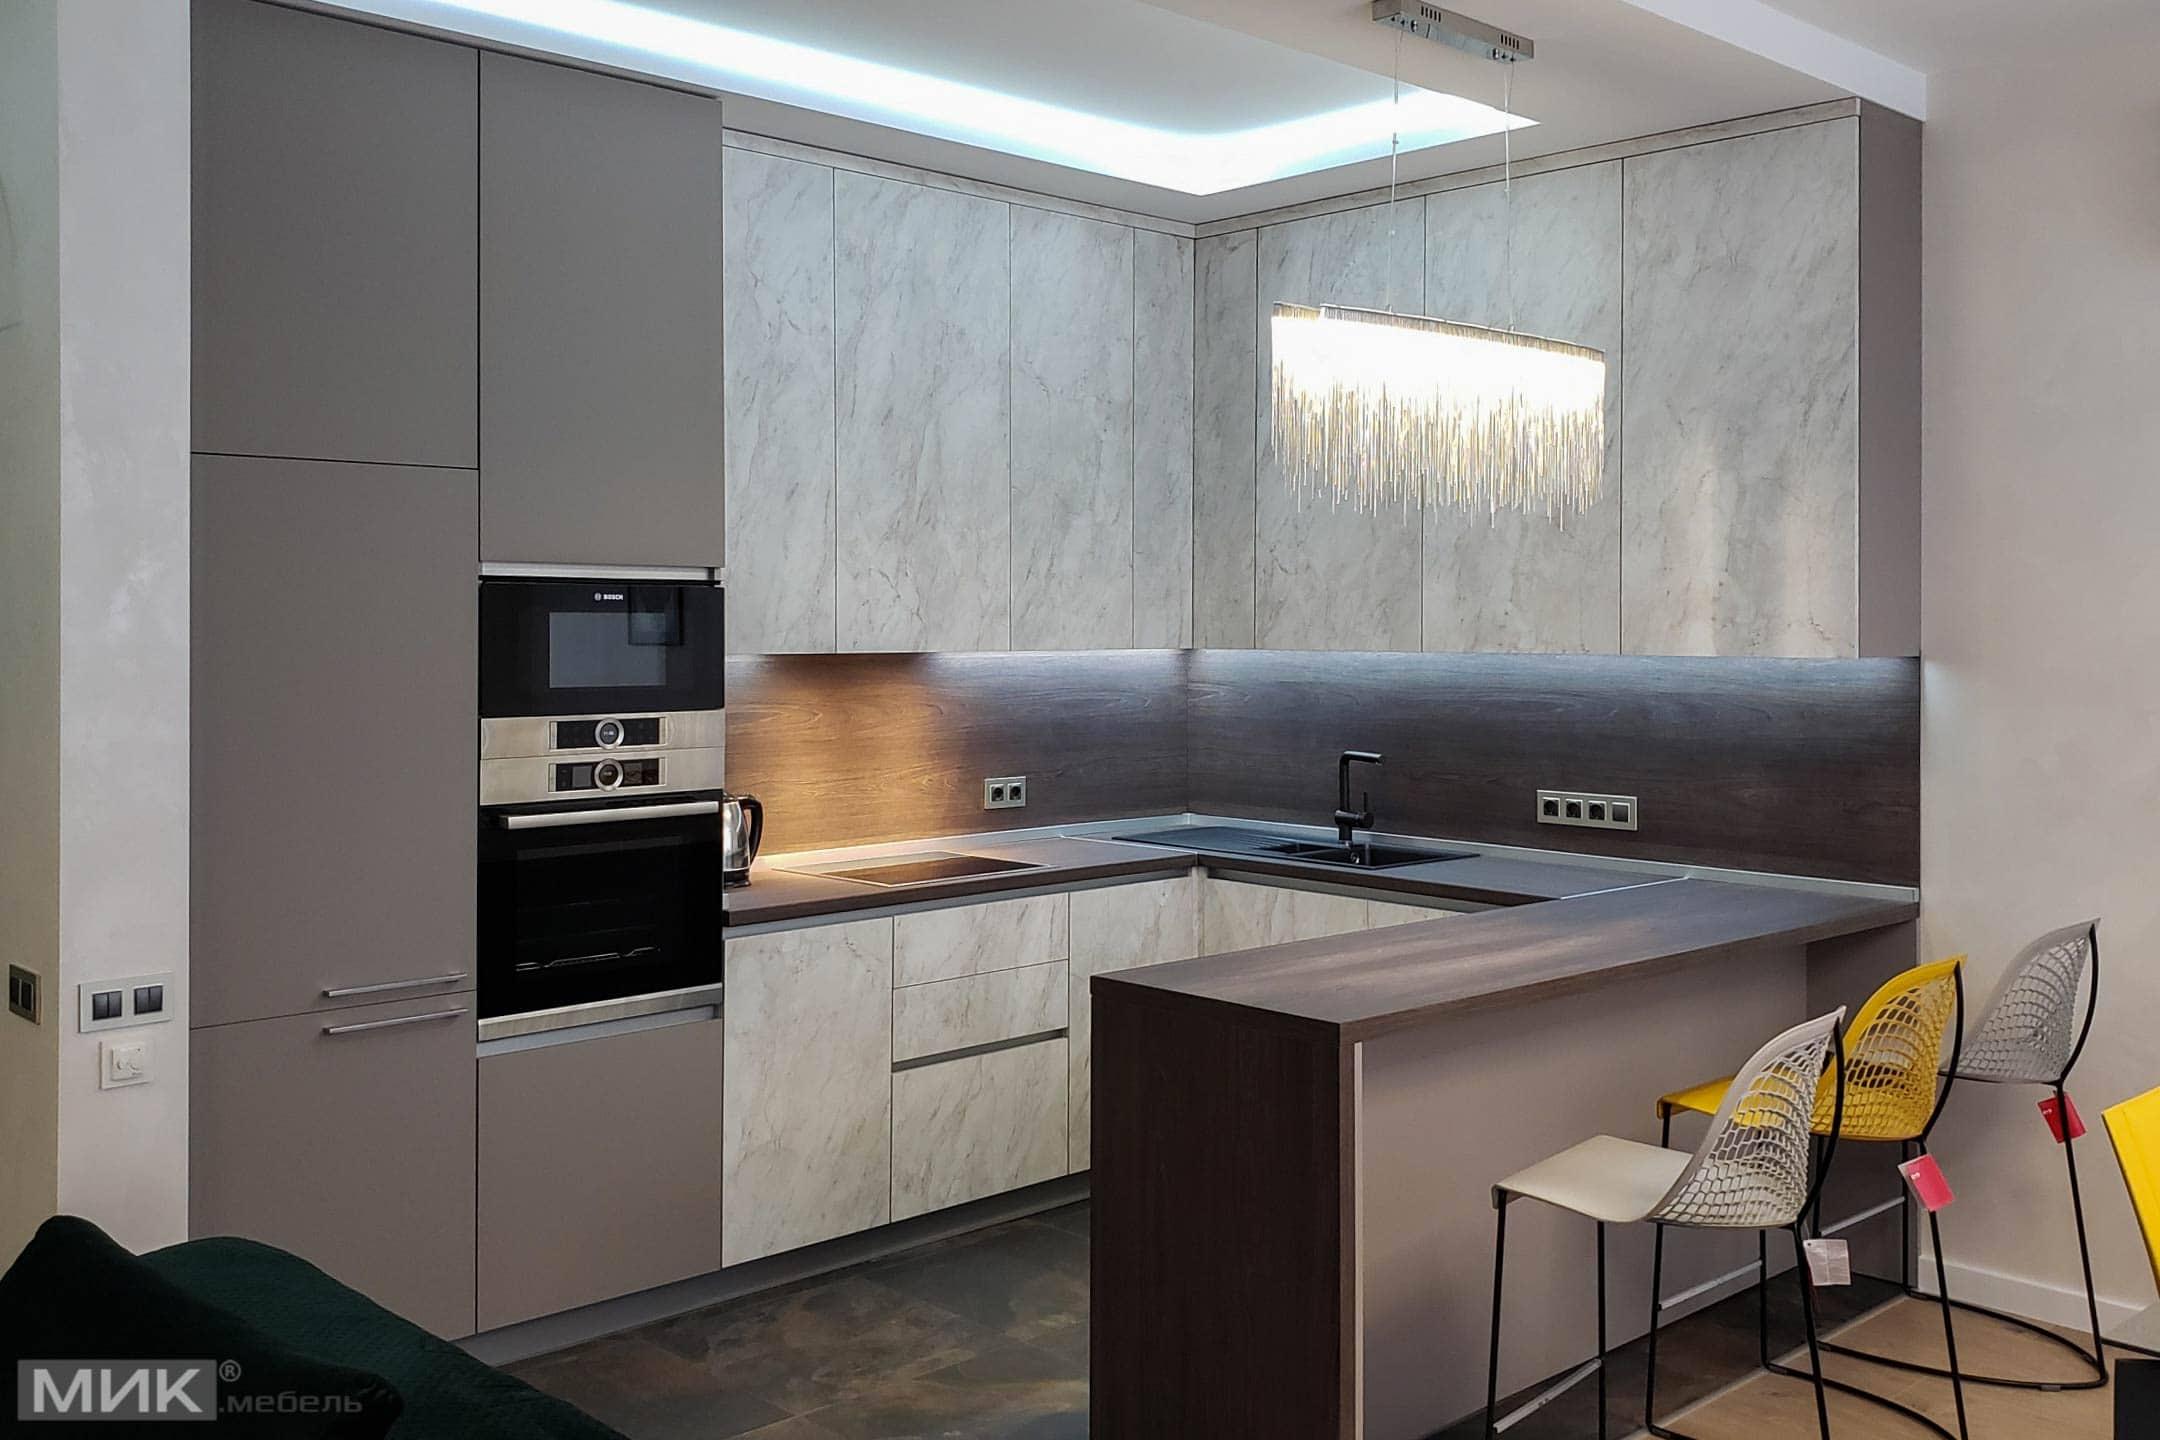 кухня стінна панель в колір стільниці